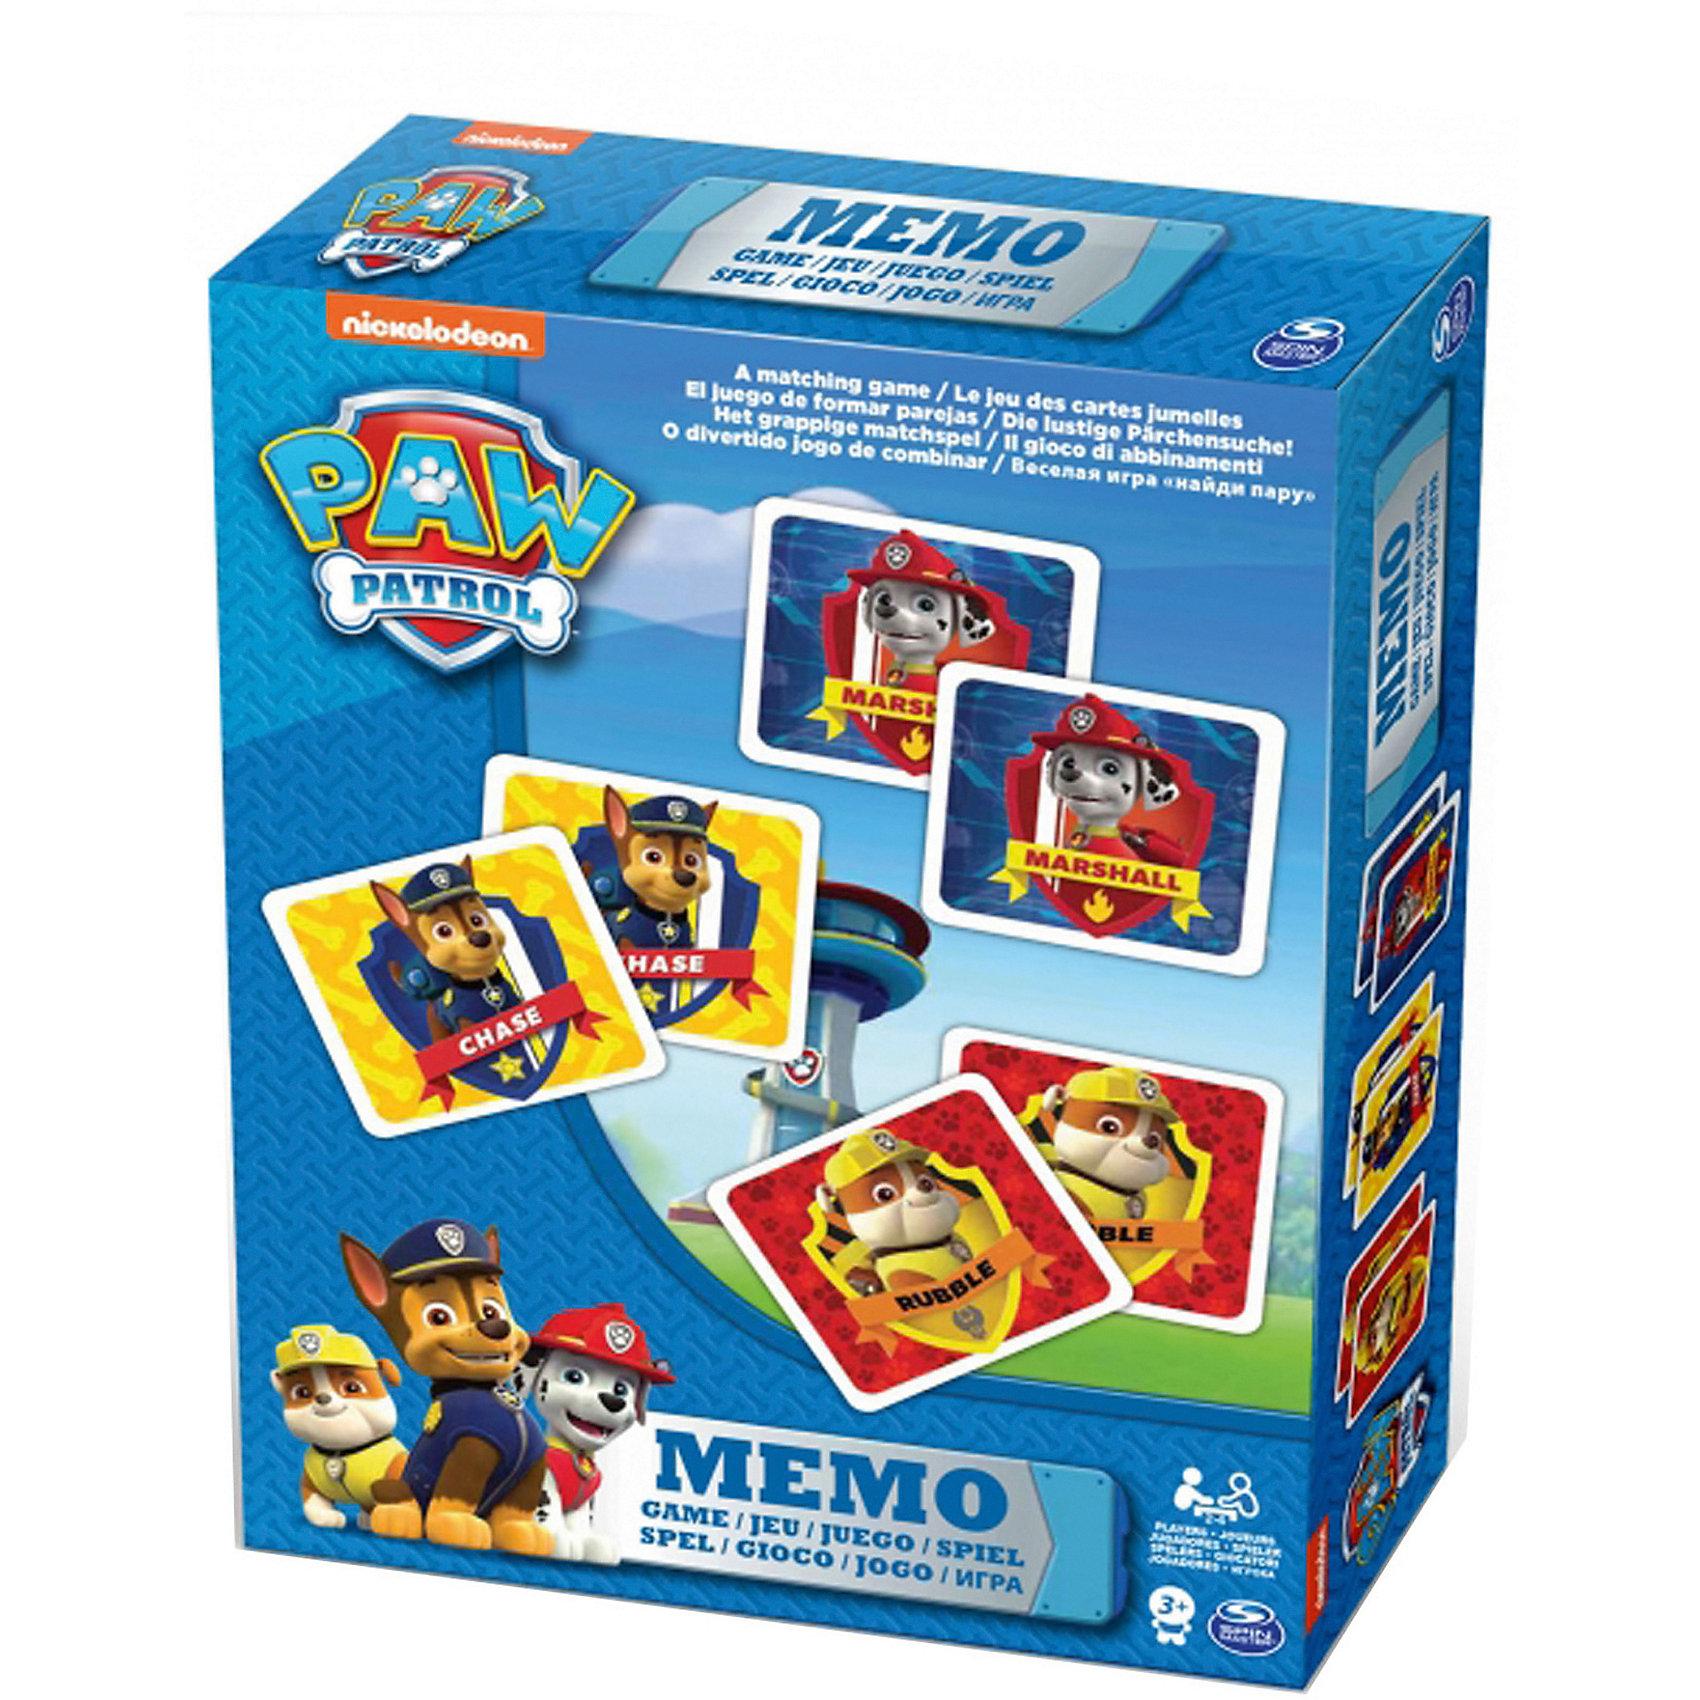 Игра Мемори 48 карточек, Щенячий ПатрульИгры мемо<br>Характеристики:<br><br>• комплектация: 48 карточек;<br>• количество игроков: 2-4 человека;<br>• материал: картон;<br>• размер упаковки: 16х16х3 см;<br>• вес: 216 г.<br><br>Правила игры:<br><br>1. Карточки переворачиваются рубашками вверх.<br>2. Игроки поочередно переворачивают по 2 карточки.<br>3. При удачном выборе пара одинаковых изображений переходит к тому игроку, кто открывал карточки.<br>4. Если пары не получилось, карточки переворачиваются обратно рубашками вверх. Ход переходит другому игроку.<br>5. Победителем считается тот игрок, у кого было больше всего совпадений в парных изображениях. <br><br>Игру Мемори 48 карточек, Щенячий Патруль можно купить в нашем магазине.<br><br>Ширина мм: 160<br>Глубина мм: 160<br>Высота мм: 30<br>Вес г: 216<br>Возраст от месяцев: 36<br>Возраст до месяцев: 2147483647<br>Пол: Унисекс<br>Возраст: Детский<br>SKU: 5298035